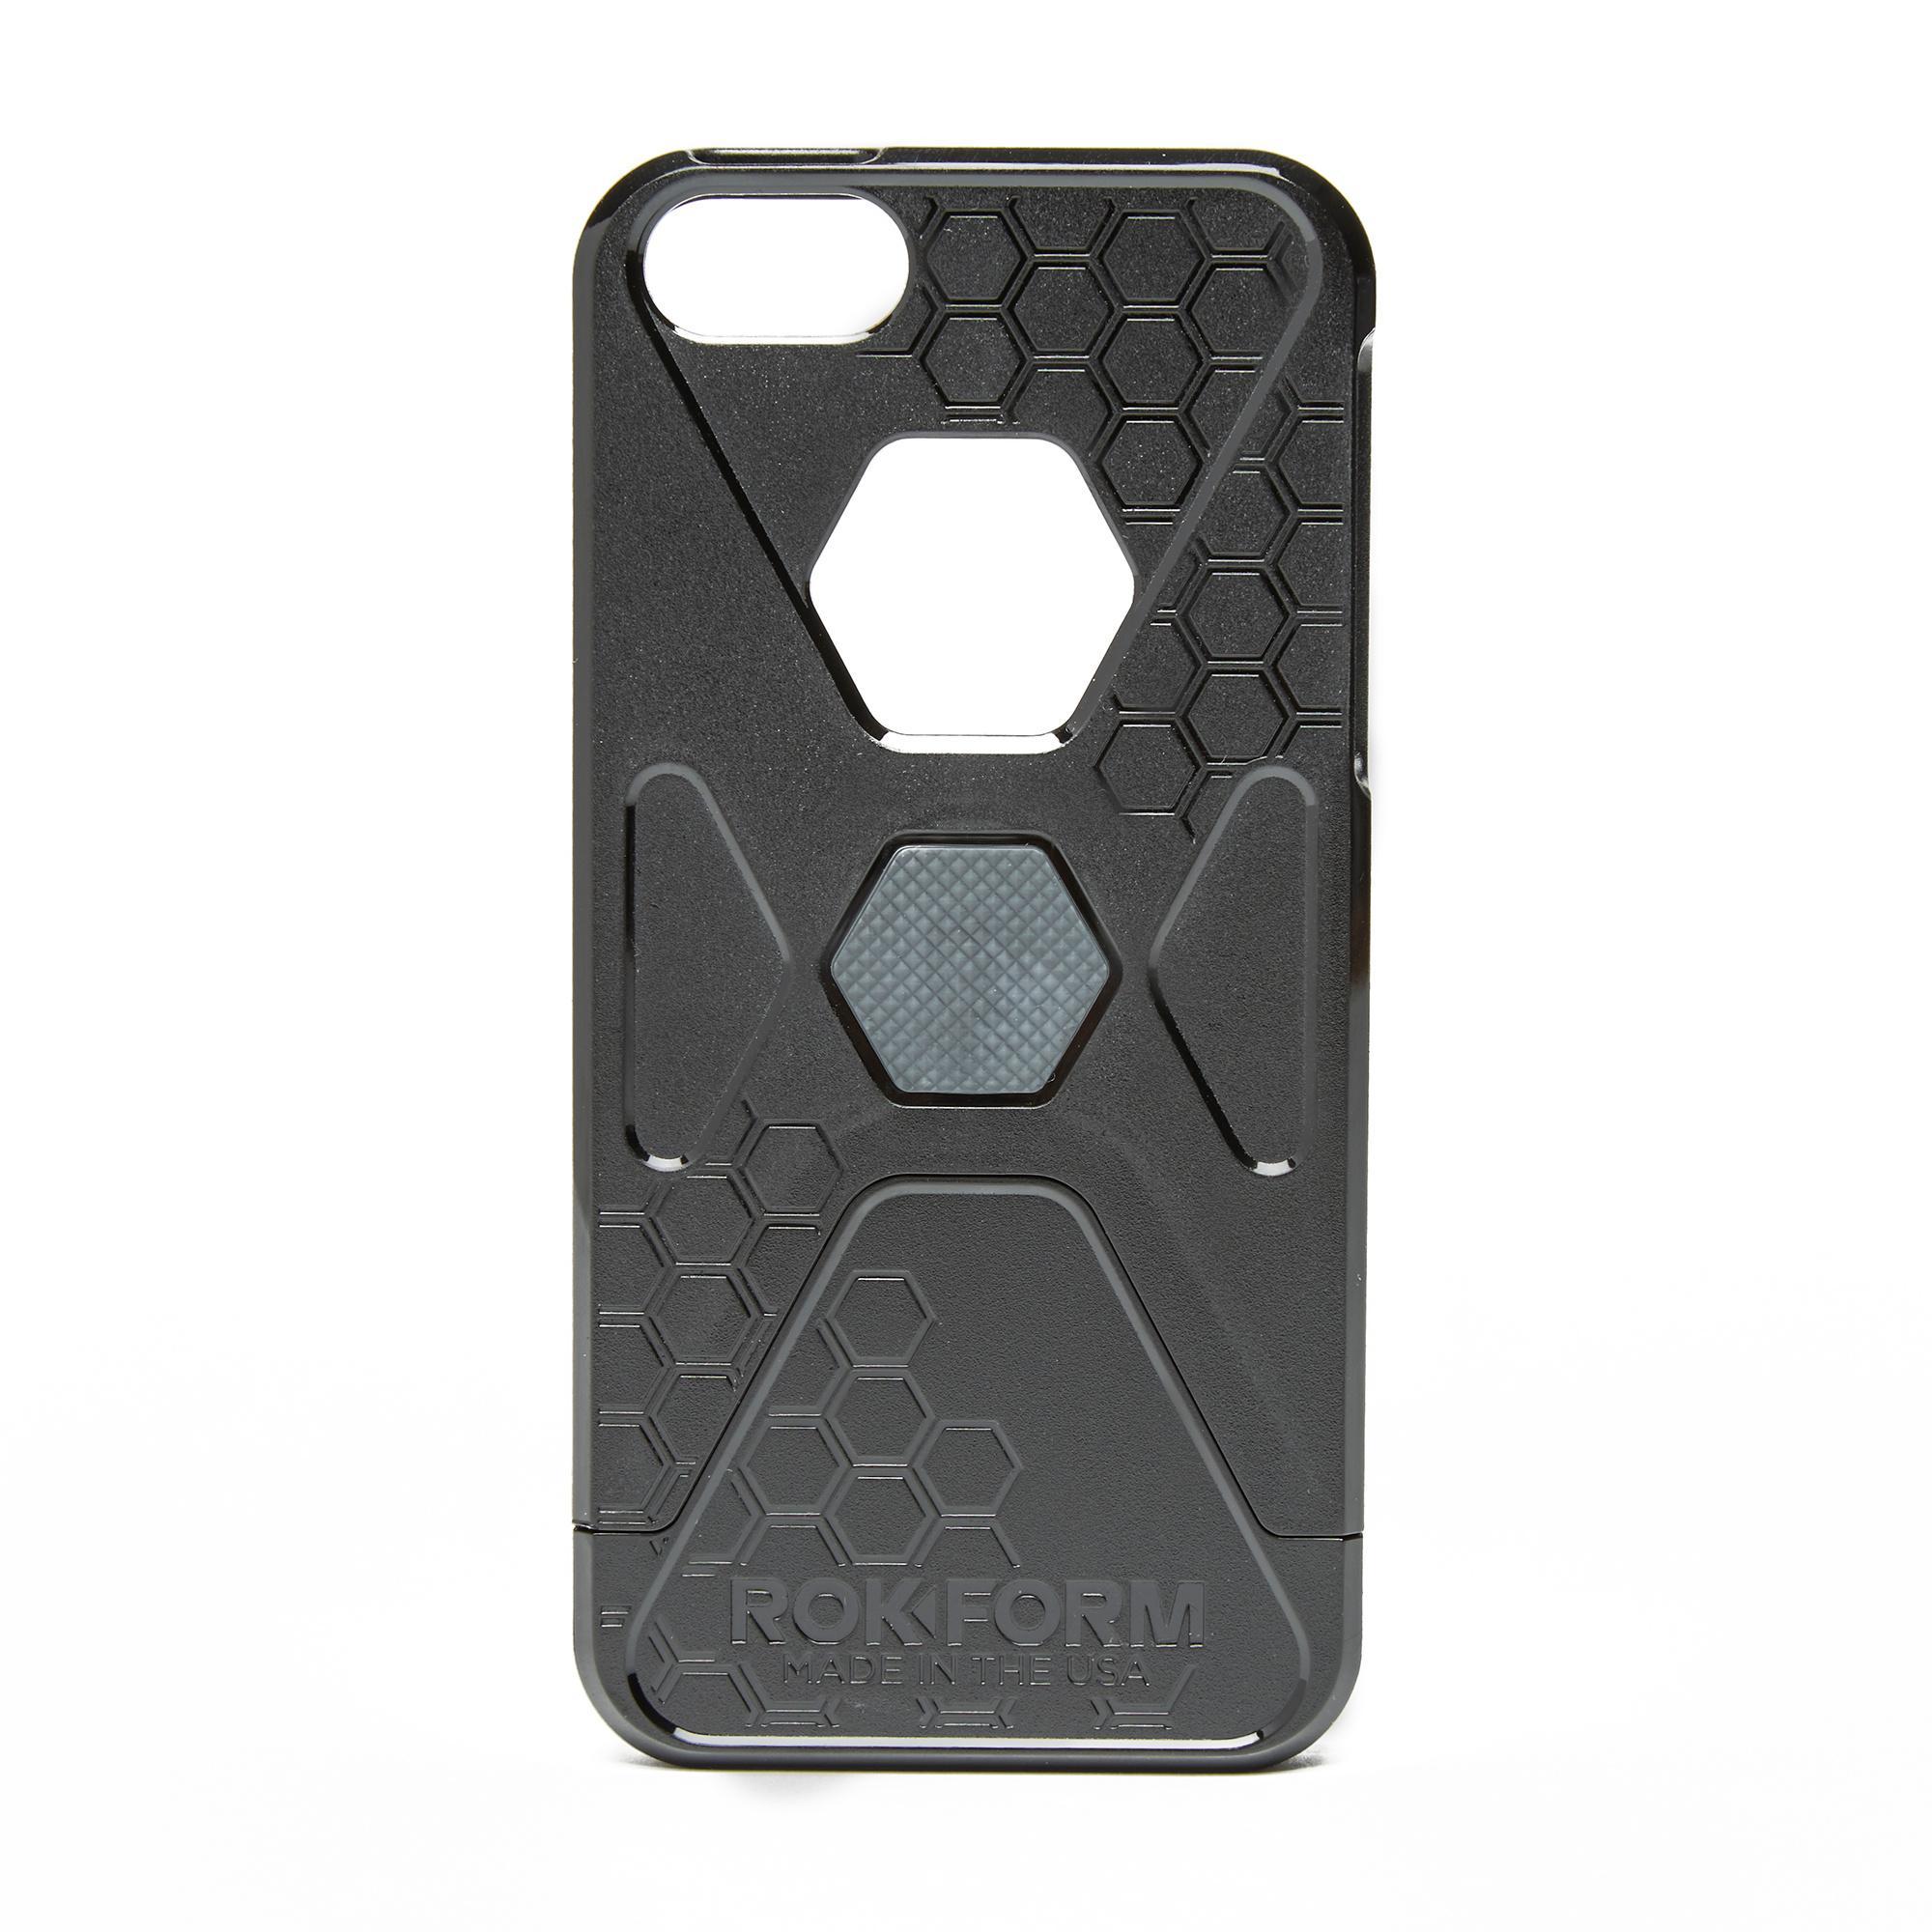 Rokform iPhone 5 Slim and Sleek Case, Black